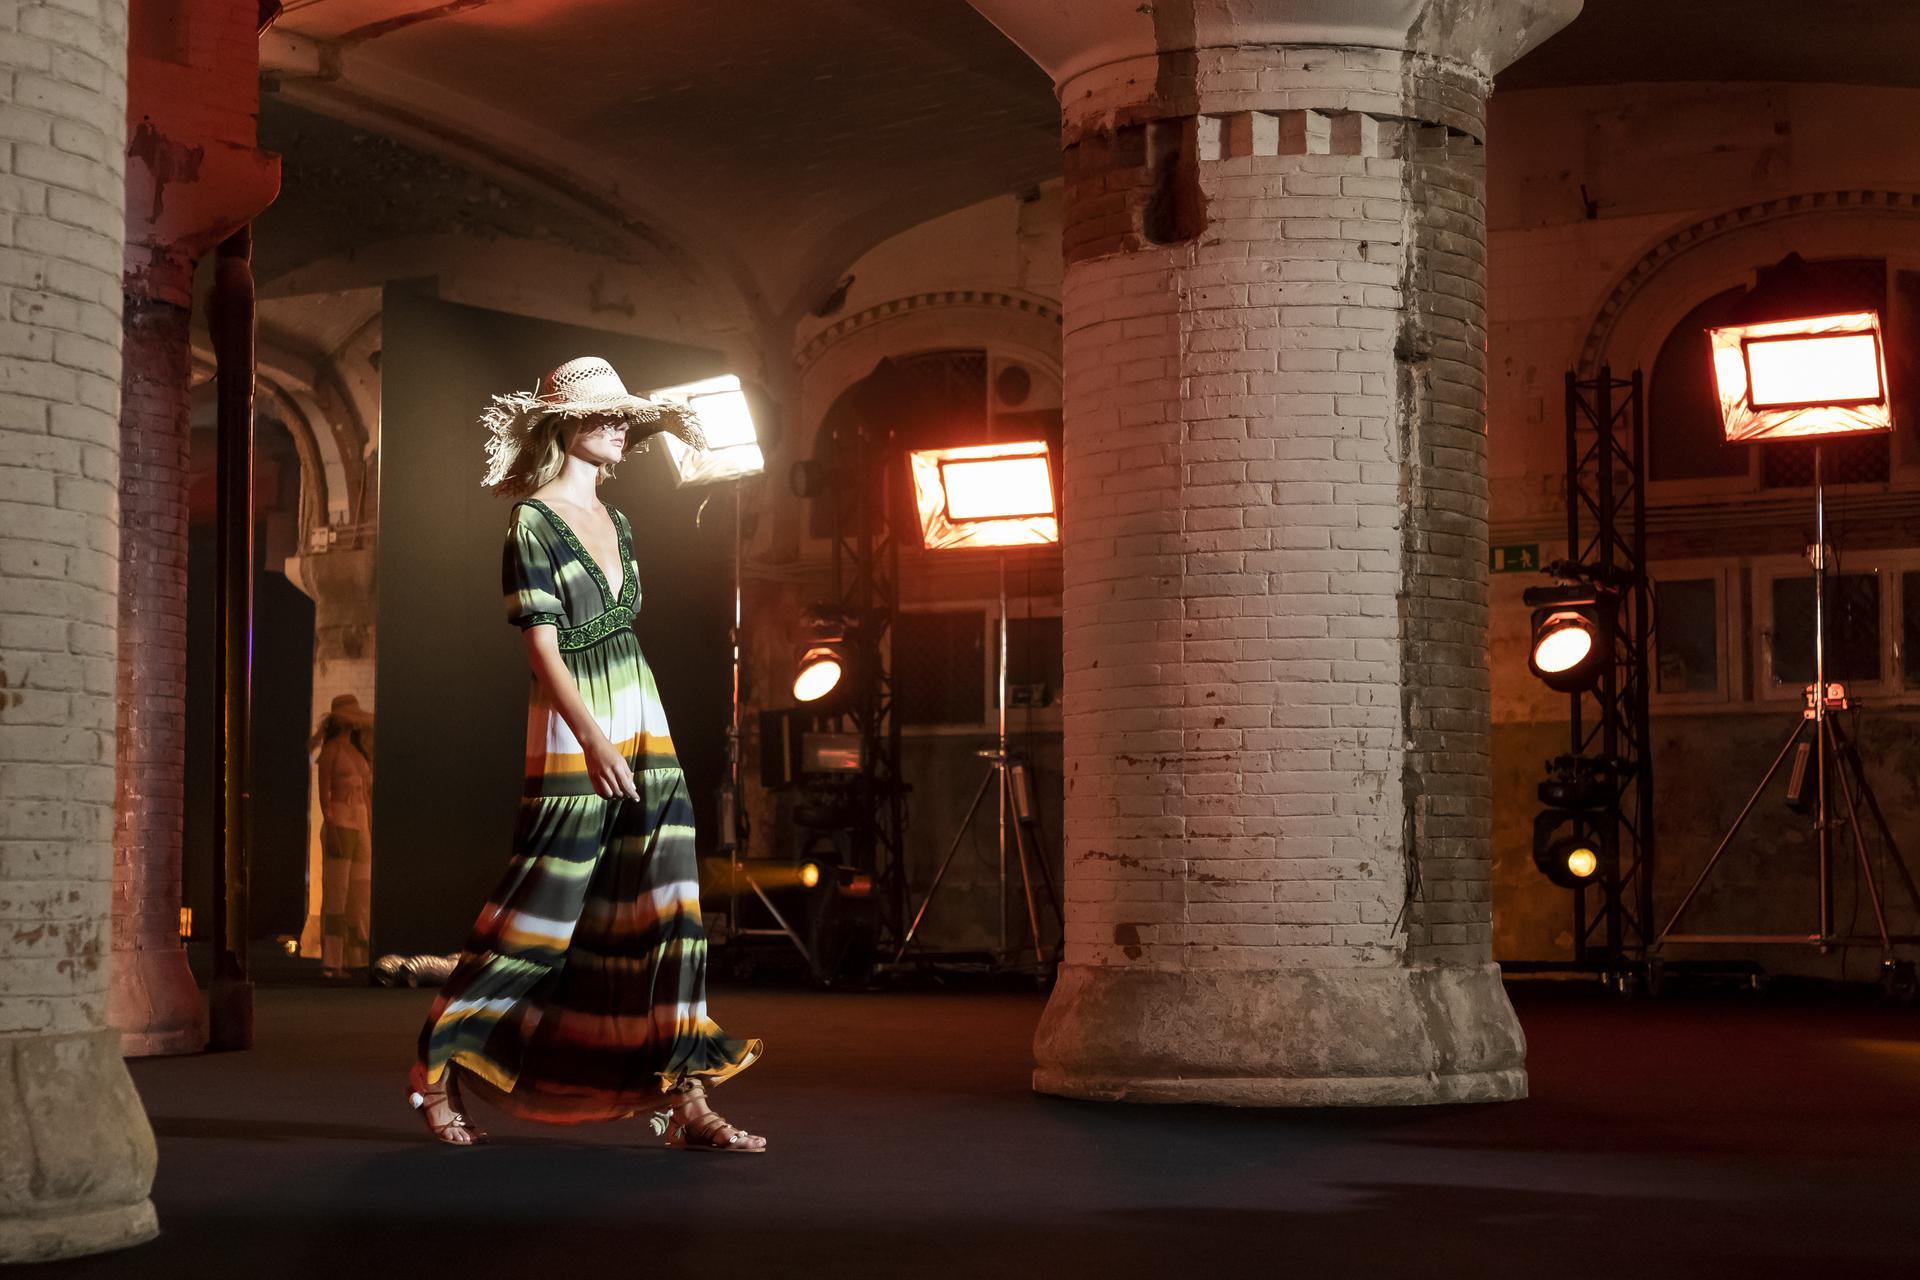 Escorpion%20ambient 1155 - Segunda sesión de la pasarela digital 080 Barcelona Fashion